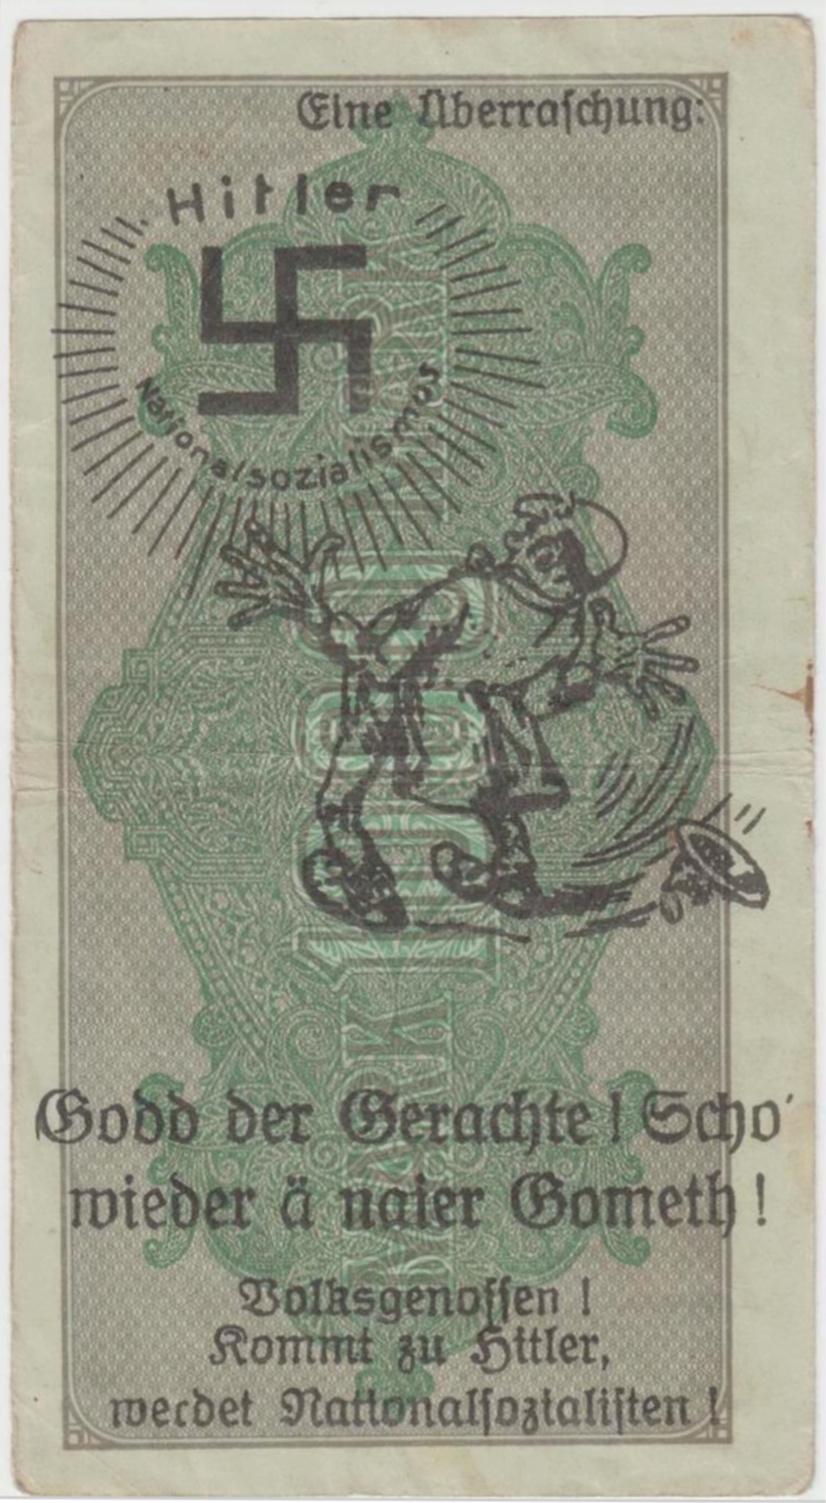 MEDALLAS ALEMANAS 1914-1945. Últimas adquisiciones. - Página 4 Img_2057